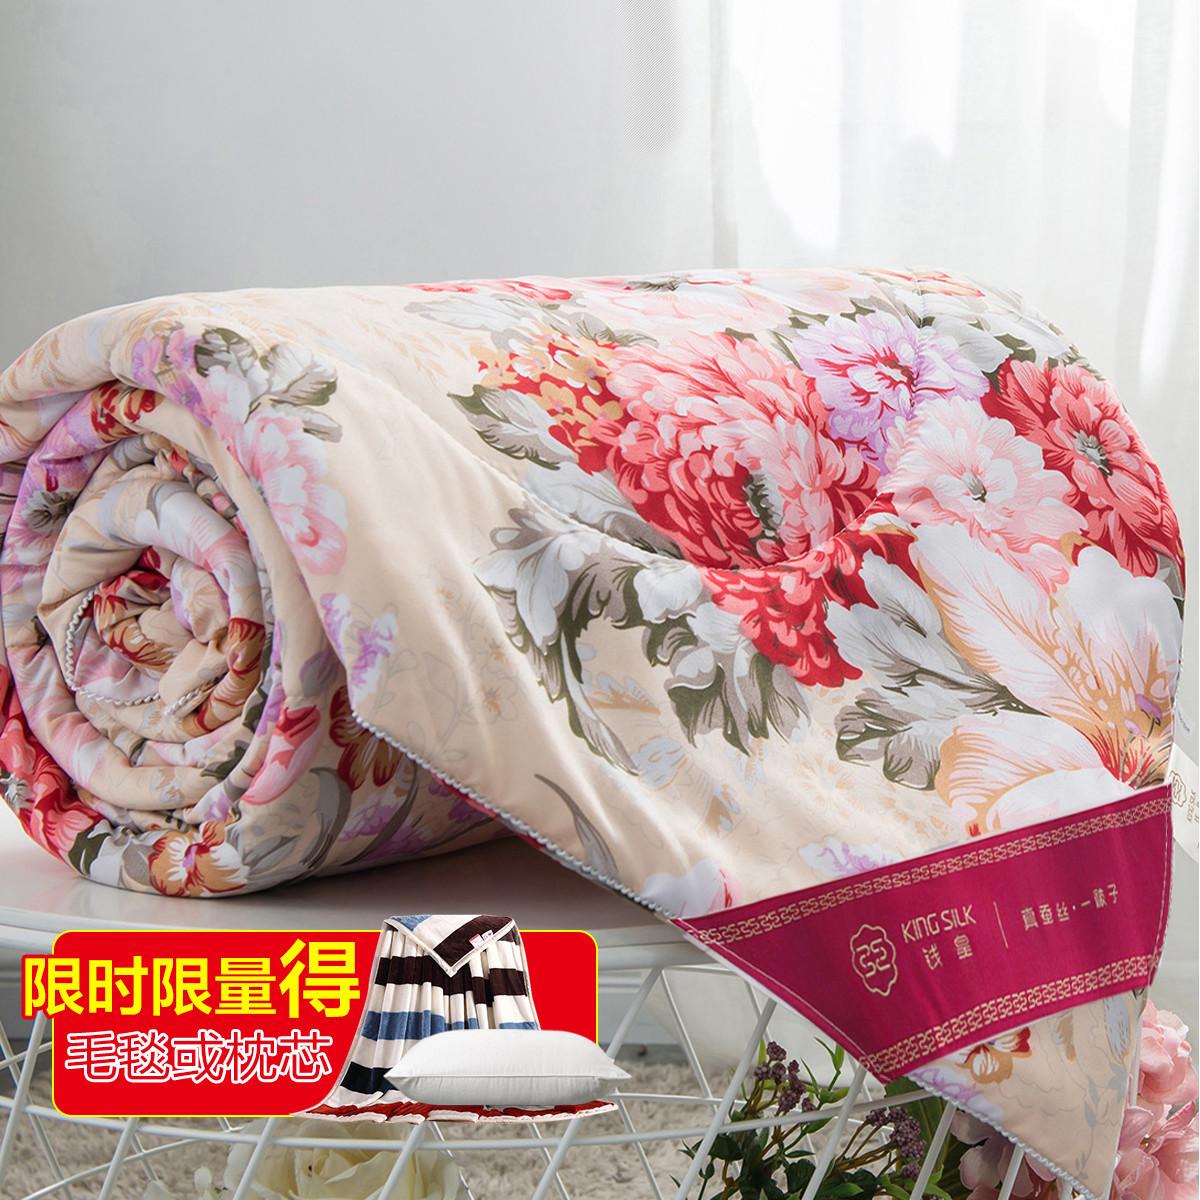 钱皇热卖秋冬被重6.5斤加厚100%蚕丝被柔软保暖被子被芯wzqh-5